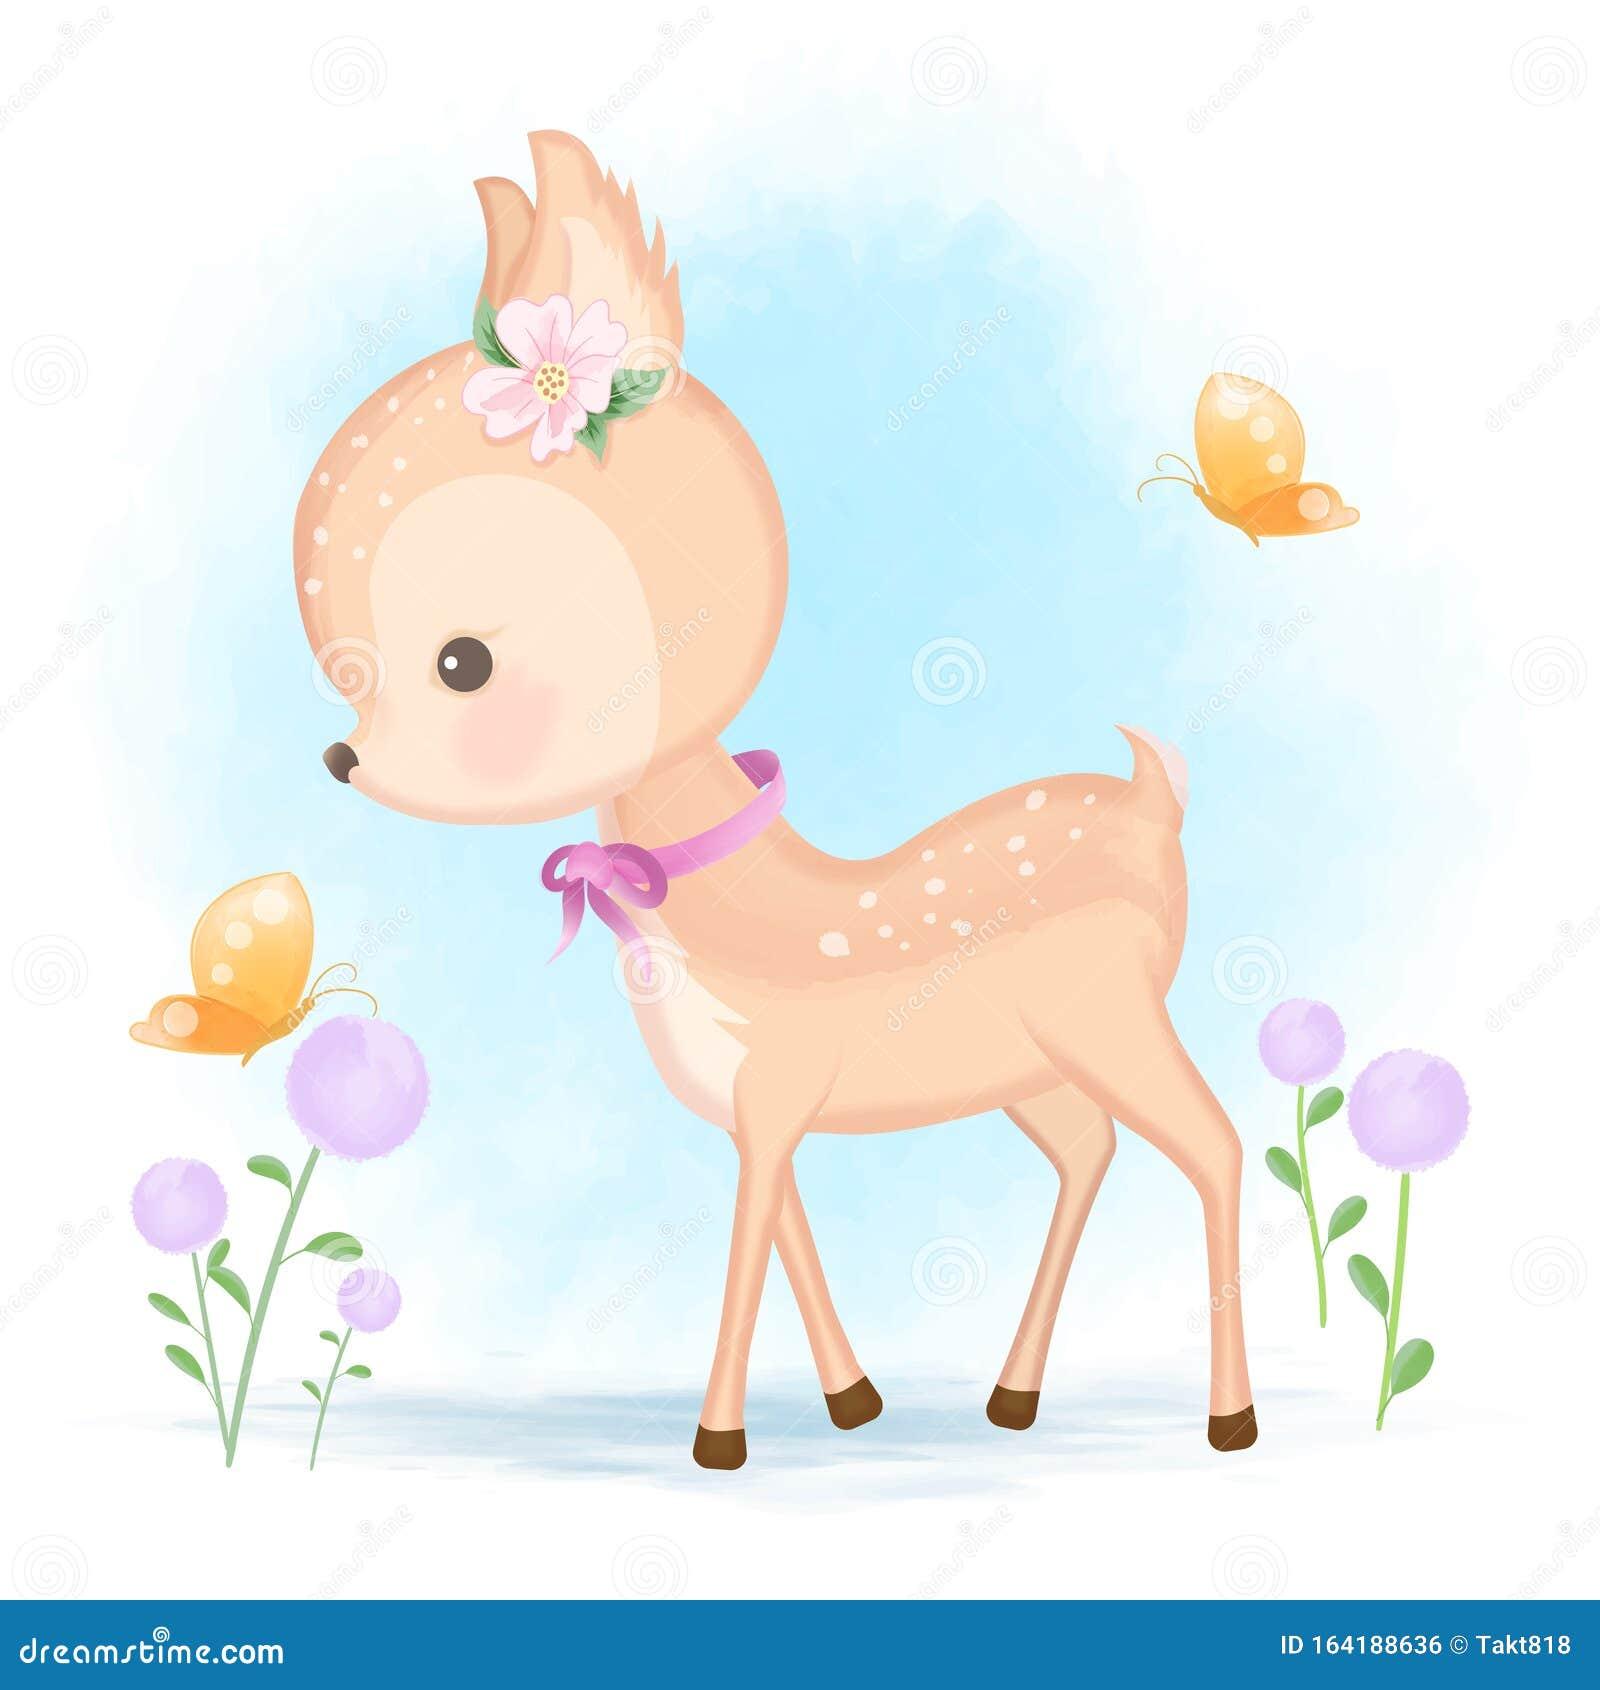 Dibujo De Dibujos Animados A Mano De Ciervos Bebés Y Mariposas Ilustración Del Vector Ilustración De Saludo Animal 164188636